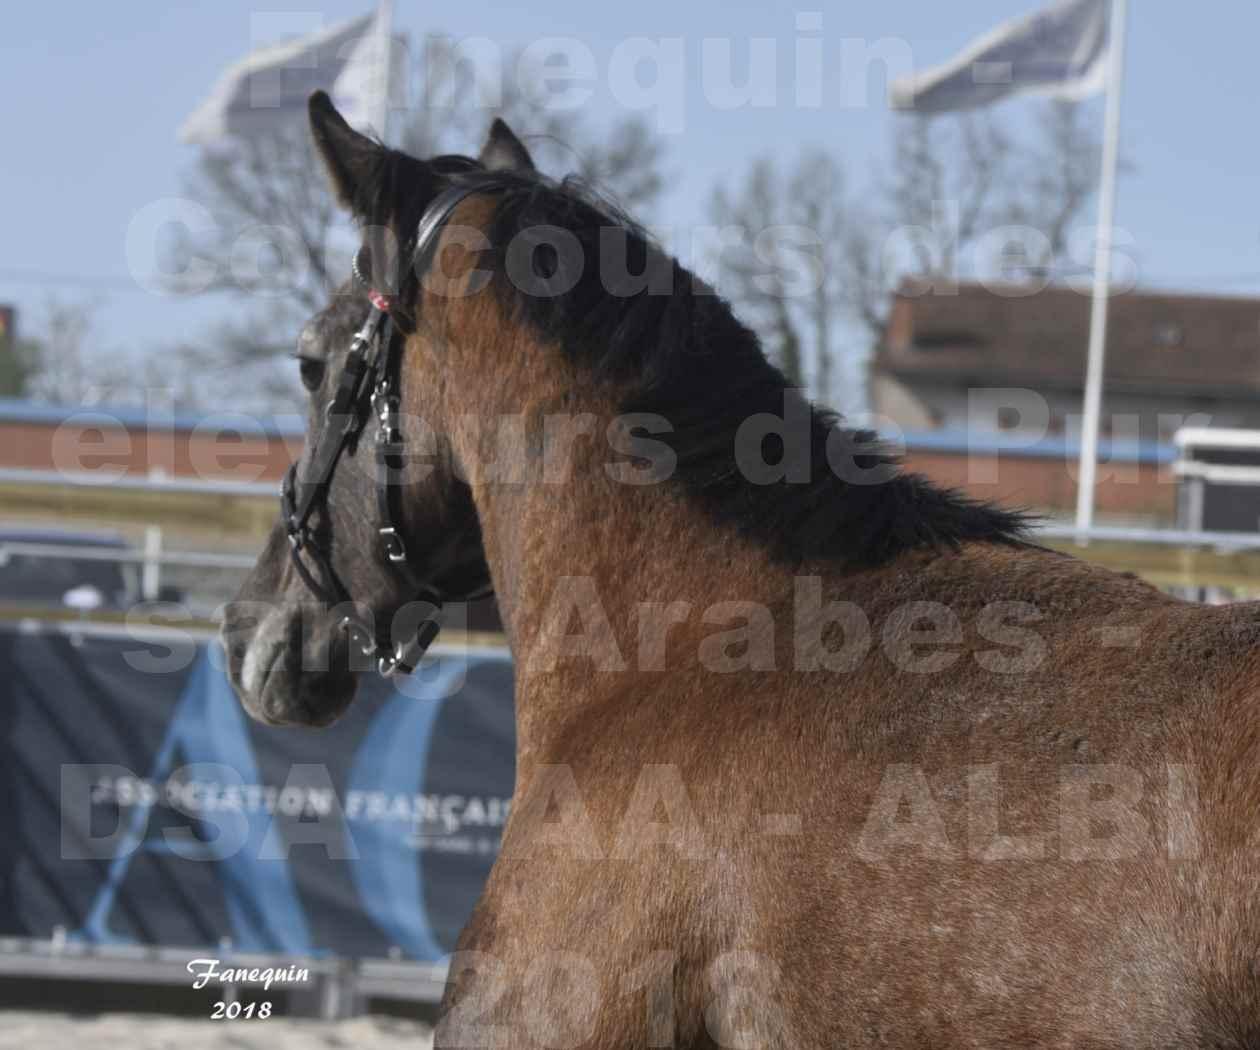 Concours d'élevage de Chevaux Arabes - Demi Sang Arabes - Anglo Arabes - ALBI les 6 & 7 Avril 2018 - GOUMRI DE L'AIGOUAL - Notre Sélection Portraits - 2